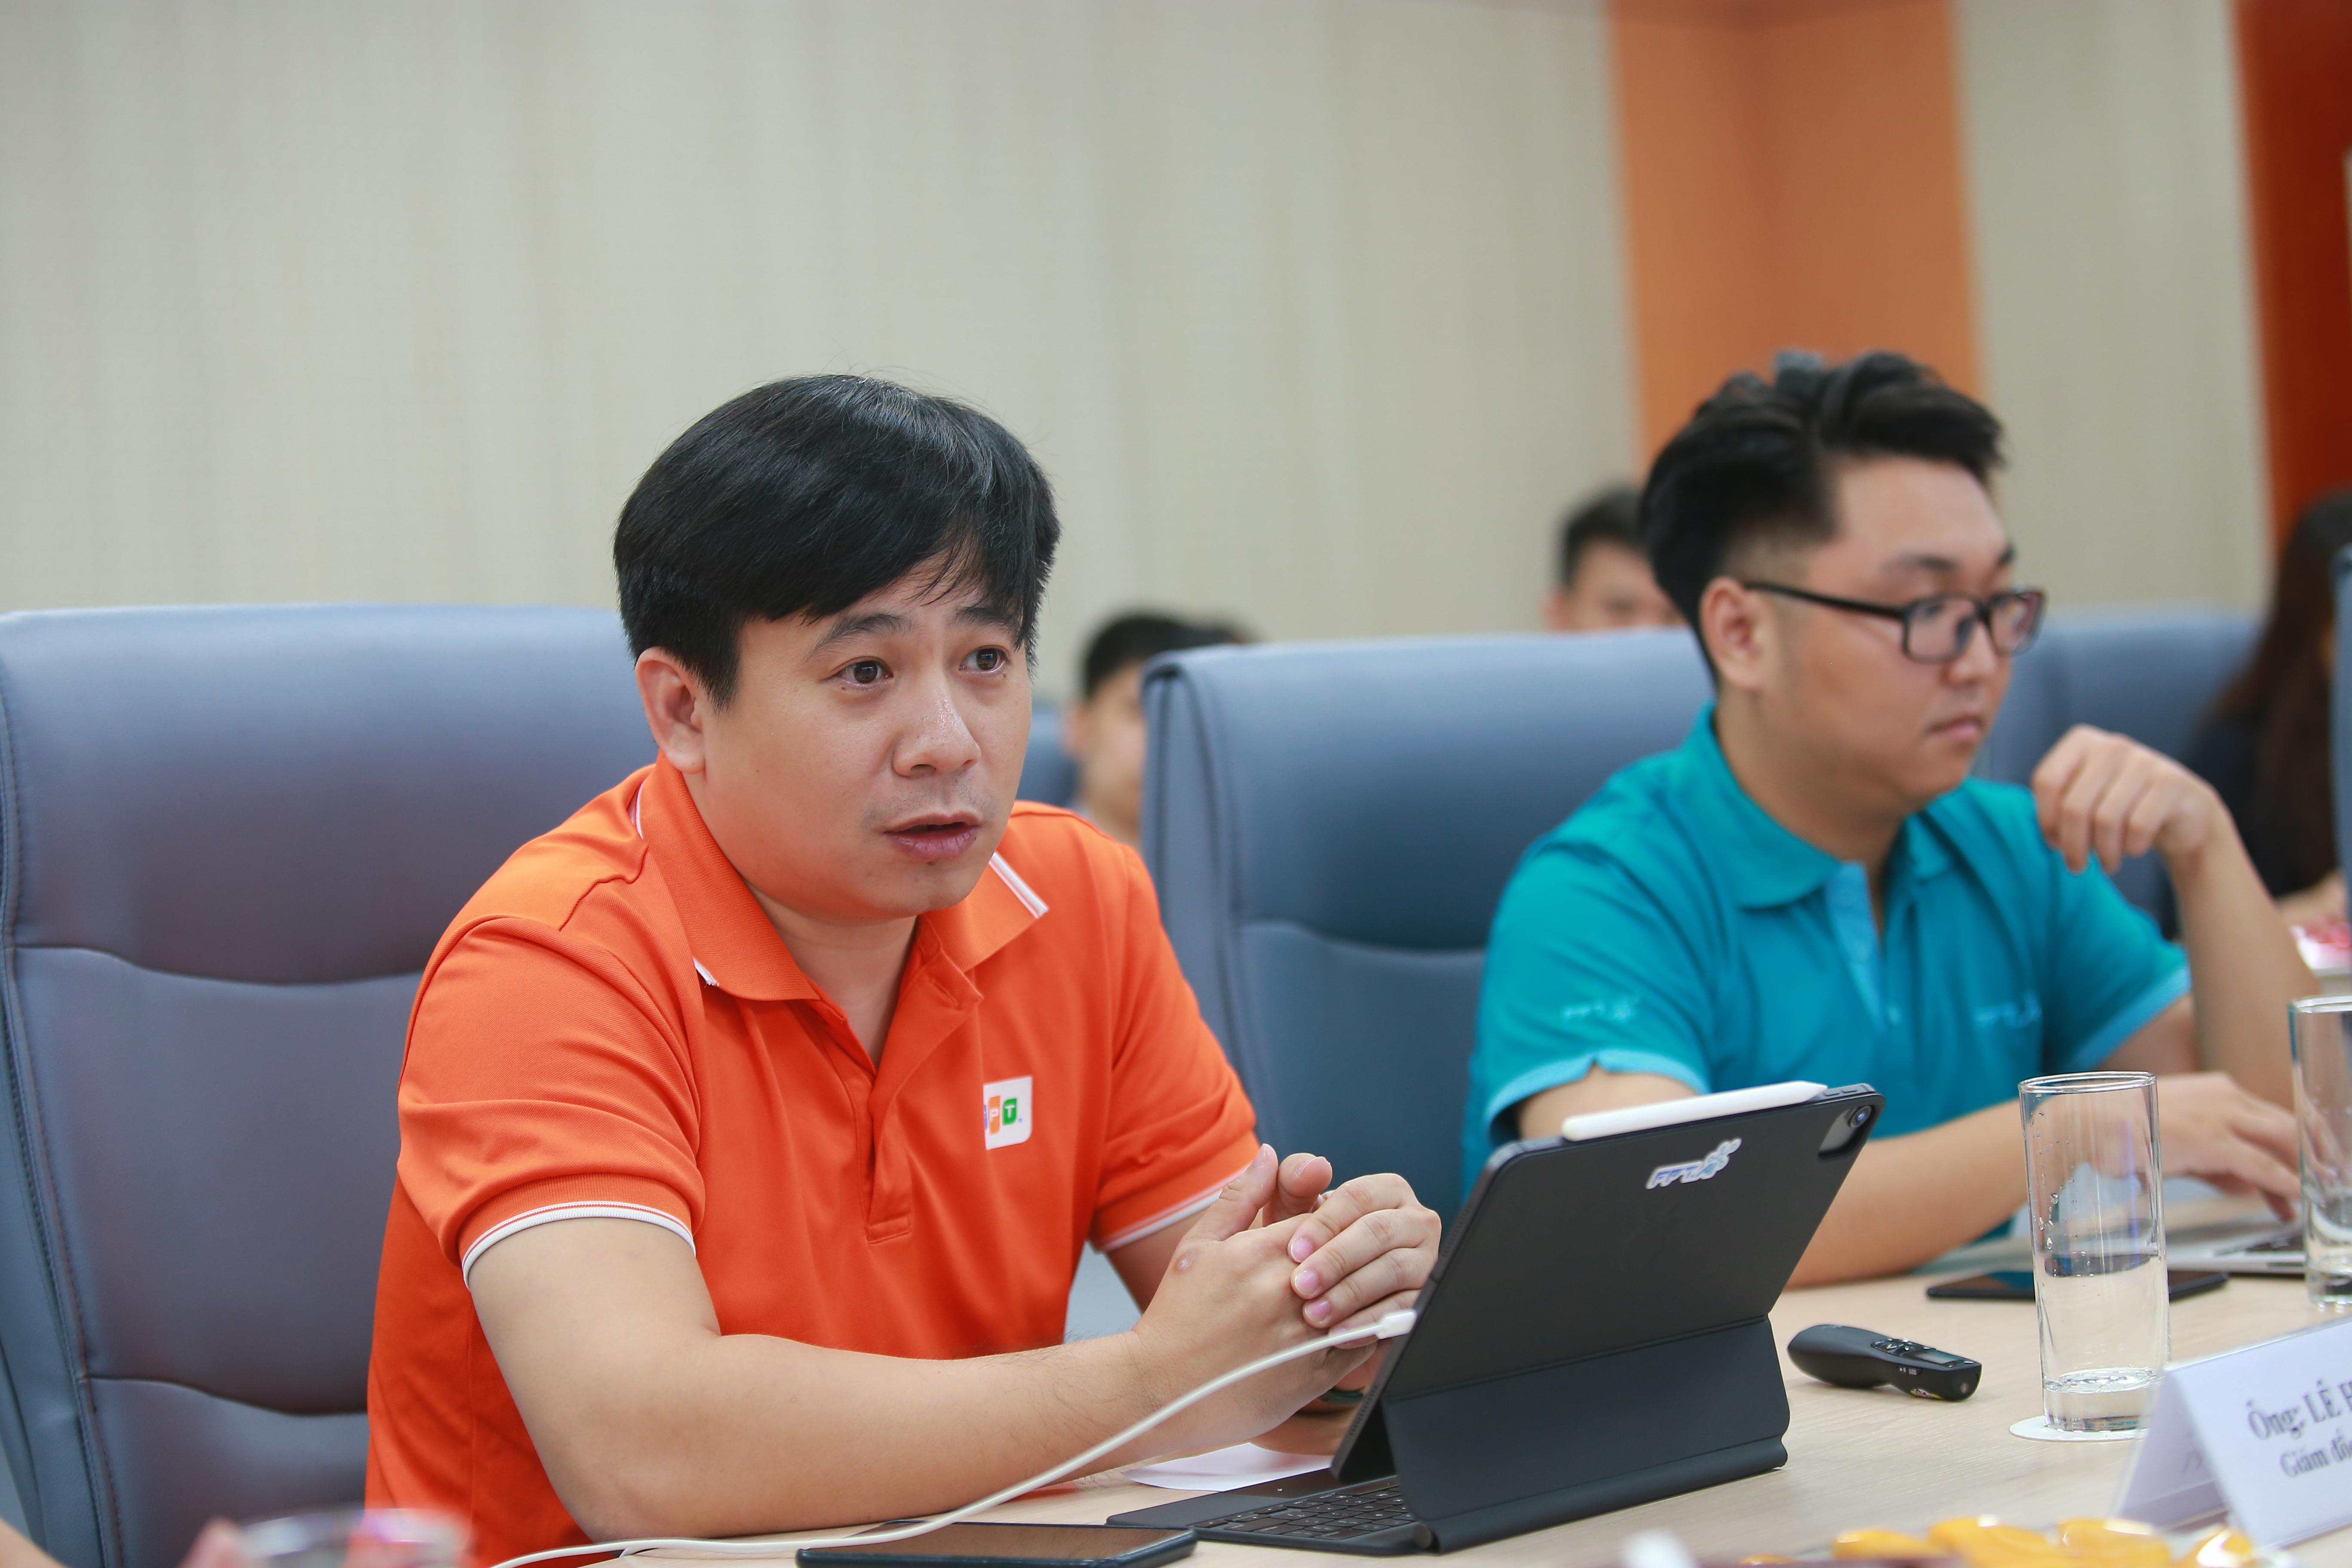 Ông Lê Hồng Việt Giám đốc Công nghệ của FPT.